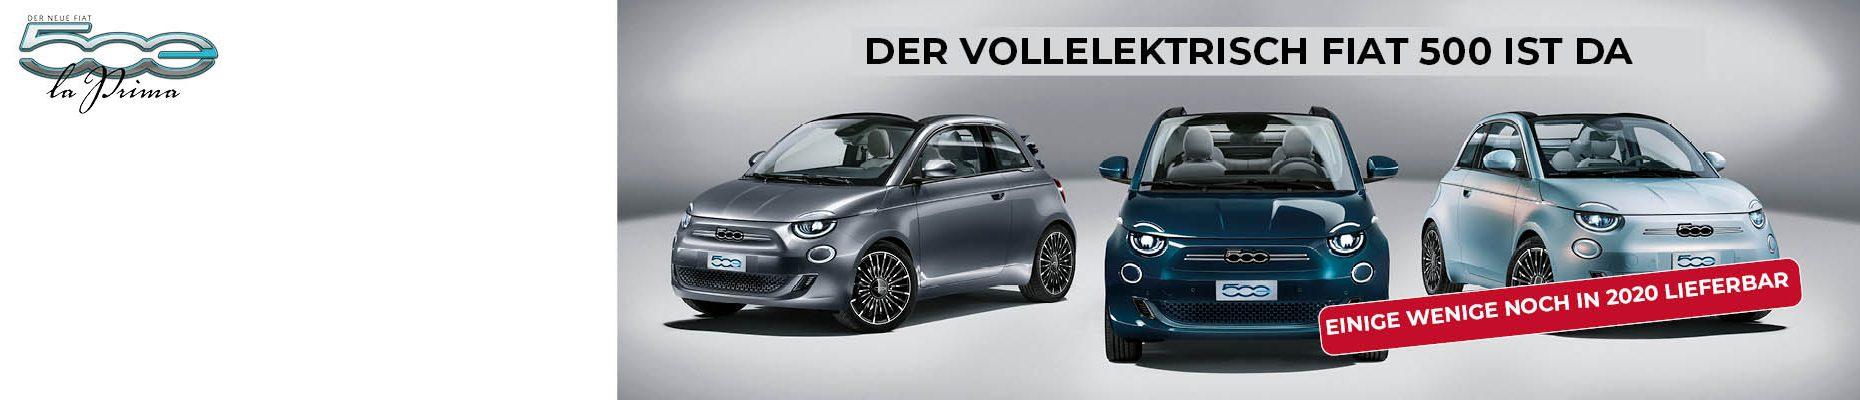 1864x400_vollelektrische Fiat_500_neu